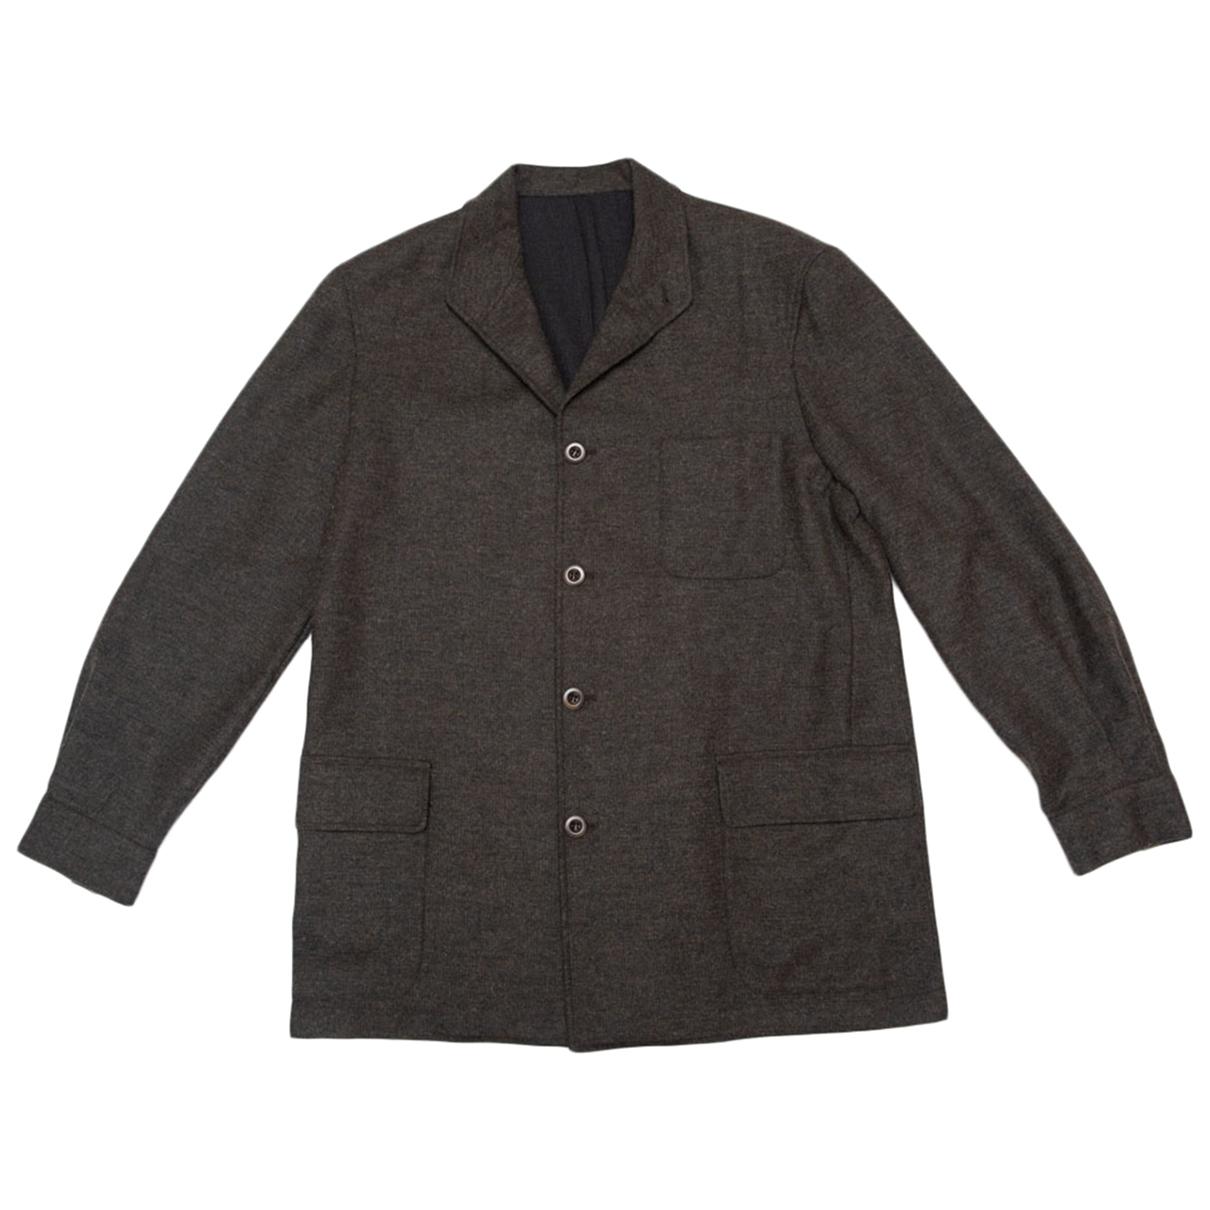 Burberry - Vestes.Blousons   pour homme en laine - kaki